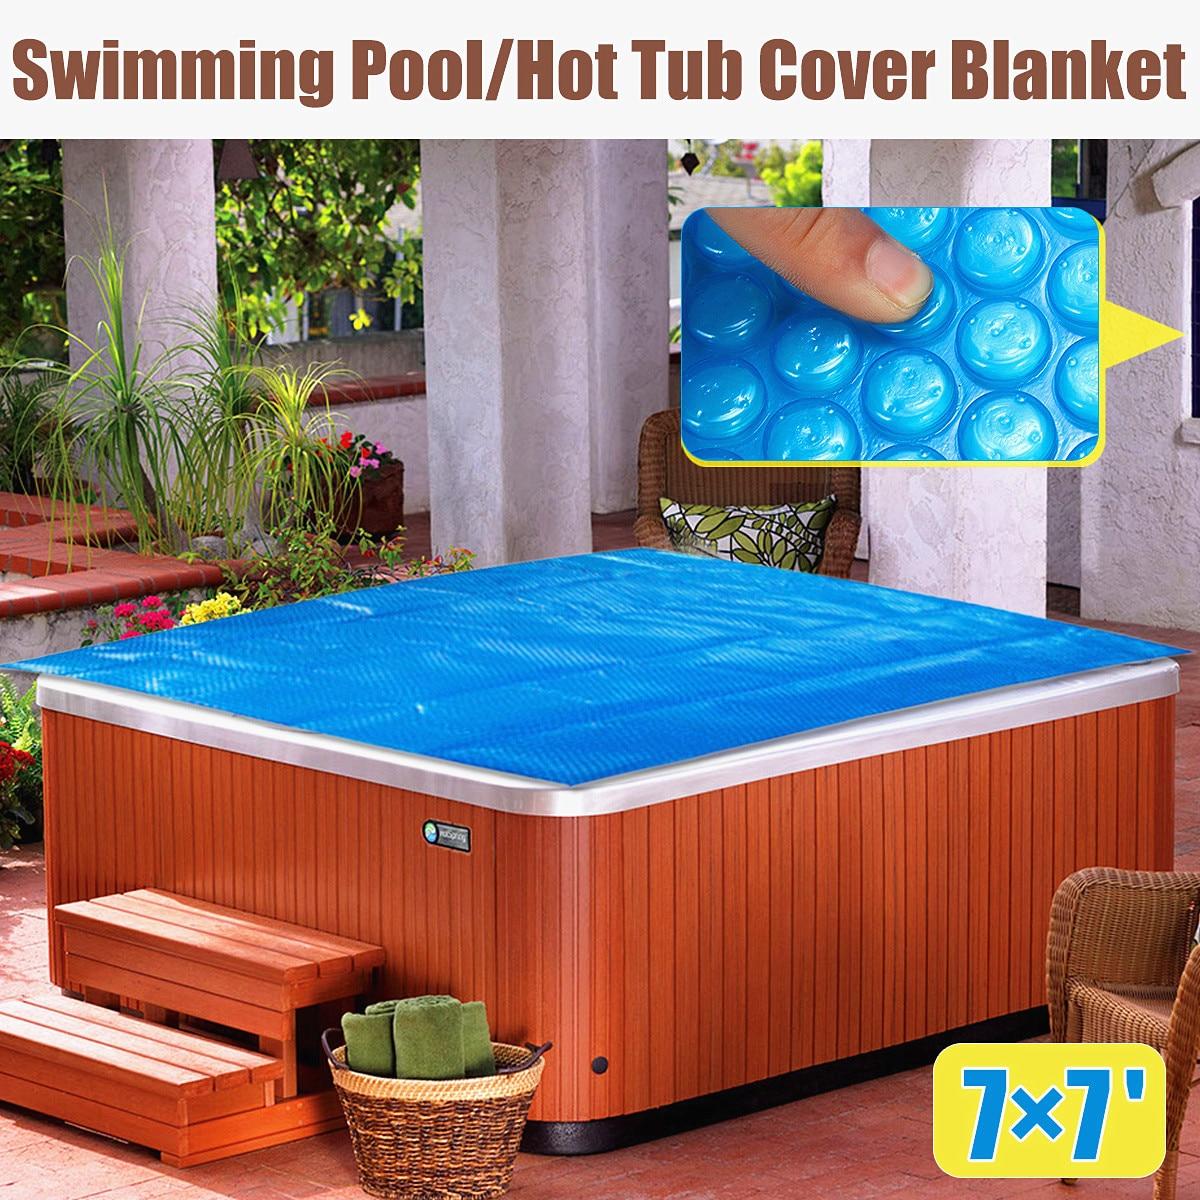 210x210 cm carré famille piscine piscine bain à remous couverture couverture enfant adulte enfants bleu jardin balcon extérieur jouer piscine couverture